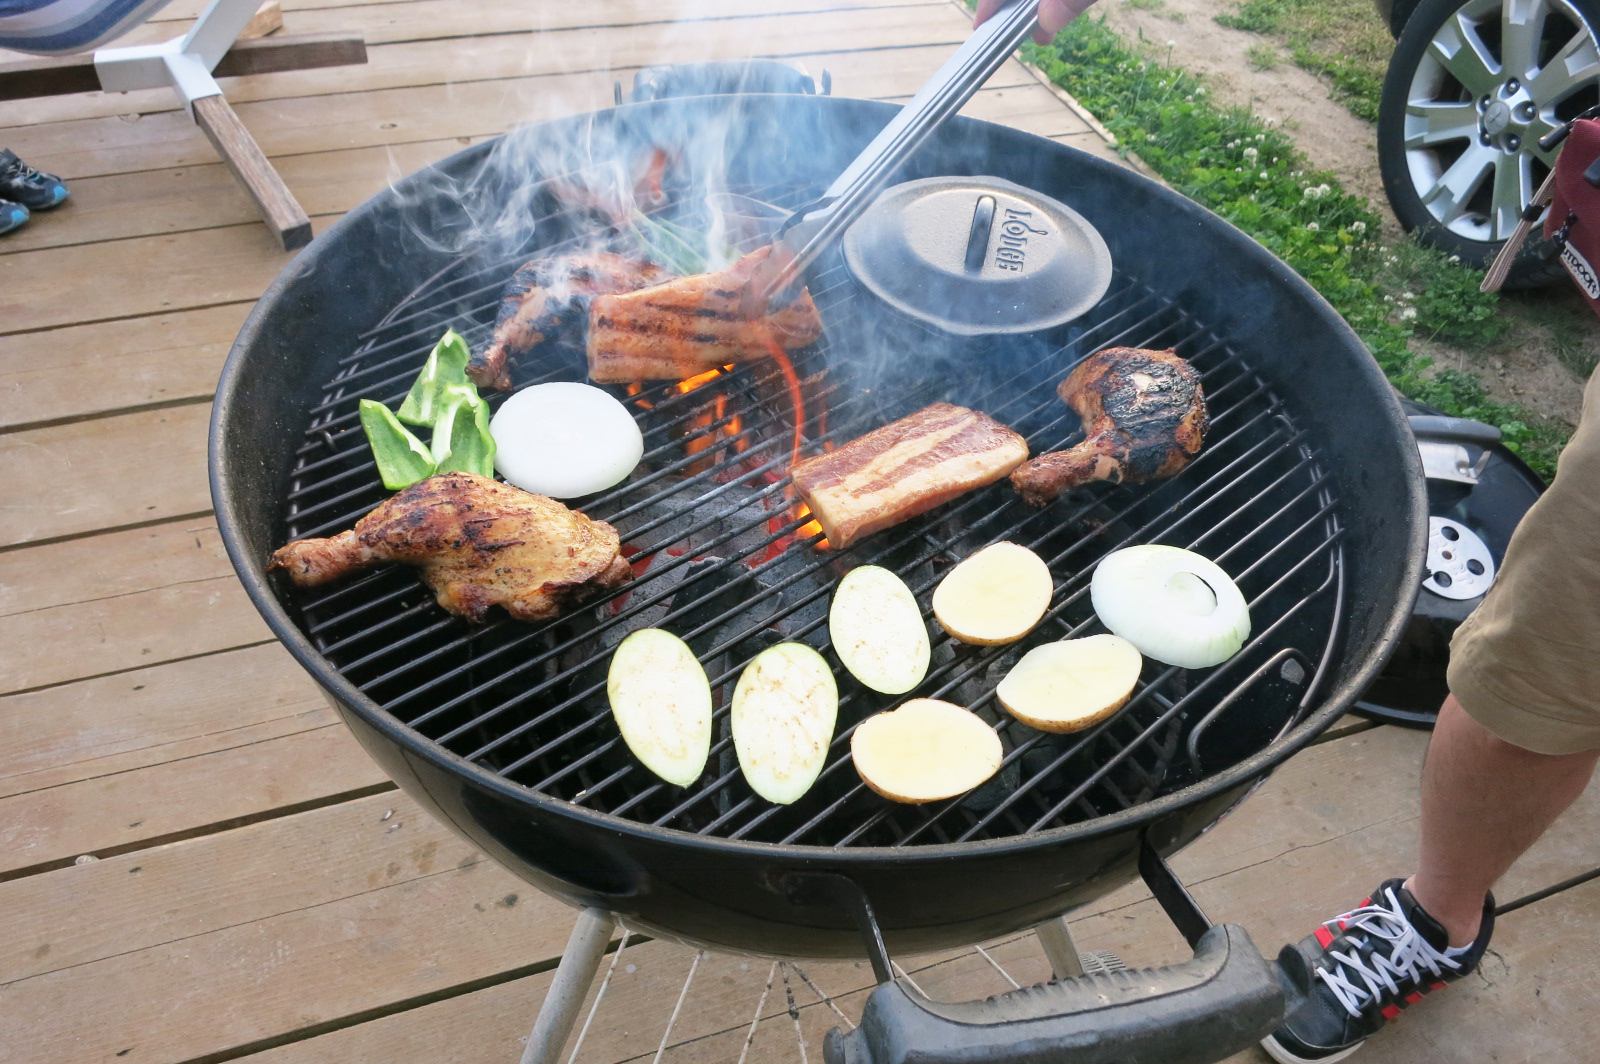 うぎゃー、肉が焦げたぁ。肉の油で火の周りが早すぎ。マニュアルには片面5分とあったけど、2~3分かな